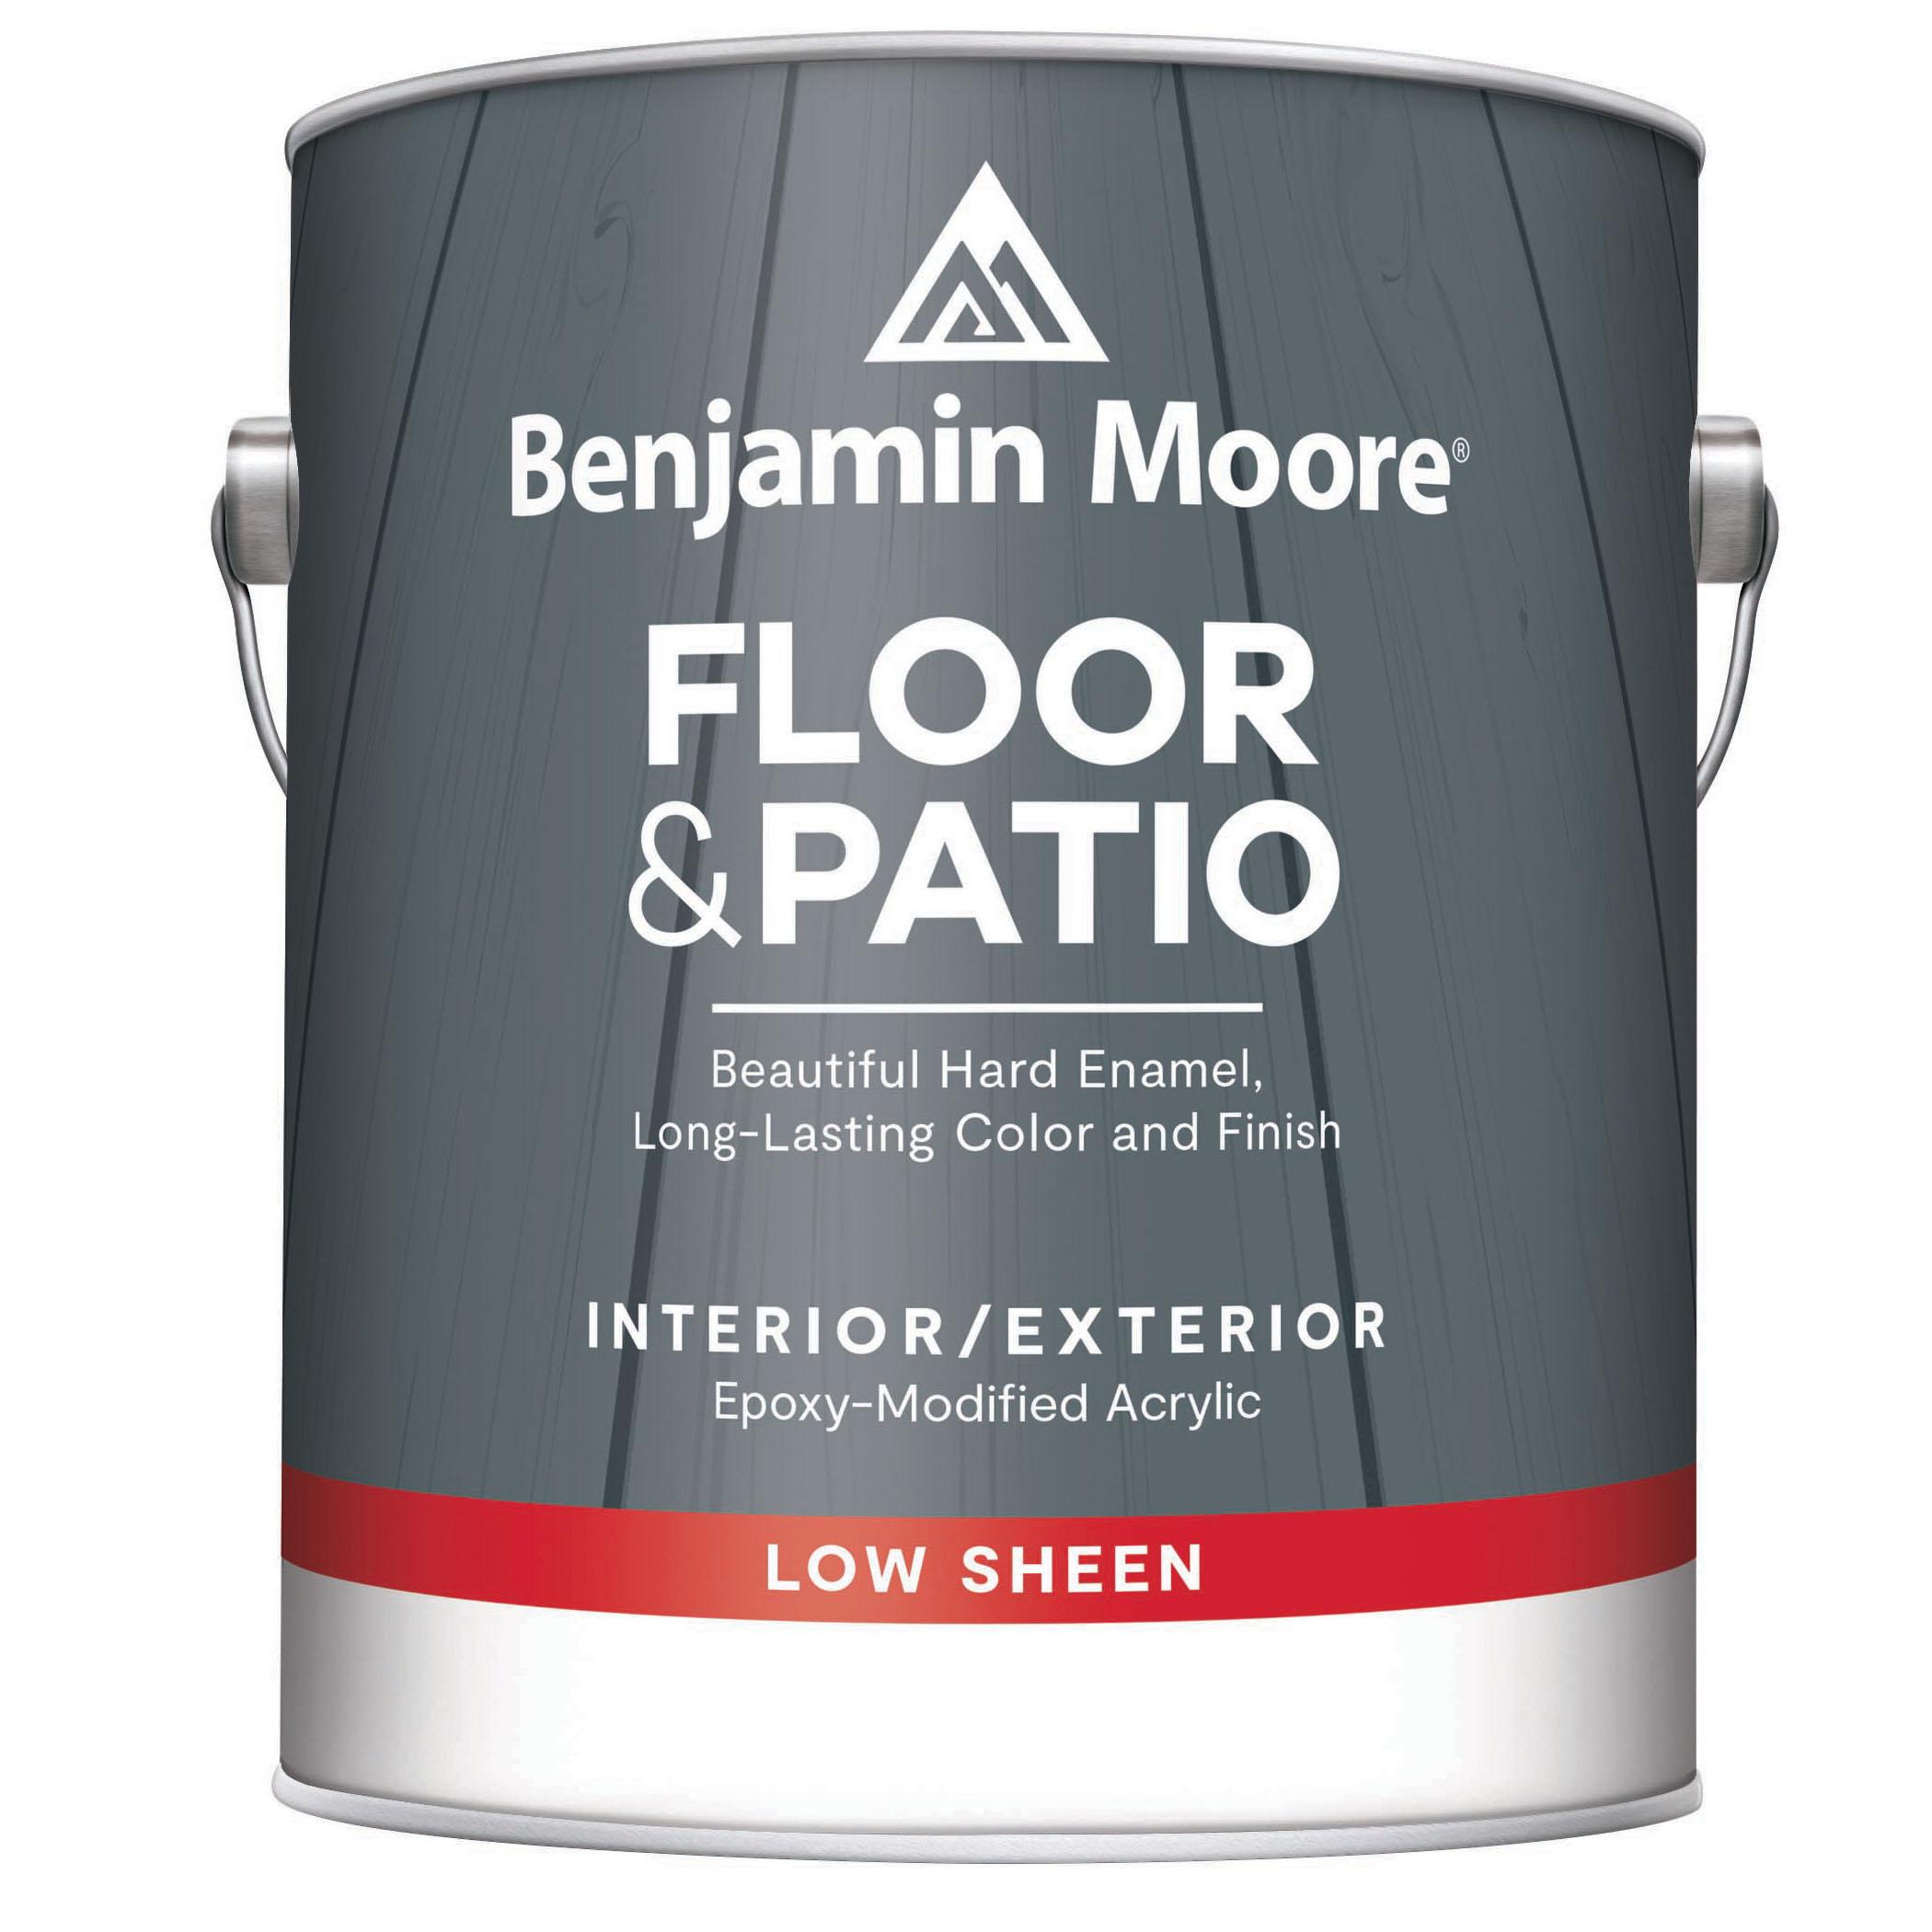 Picture of Benjamin Moore N122-01-001 Floor/Patio Enamel, White, 1 gal Package